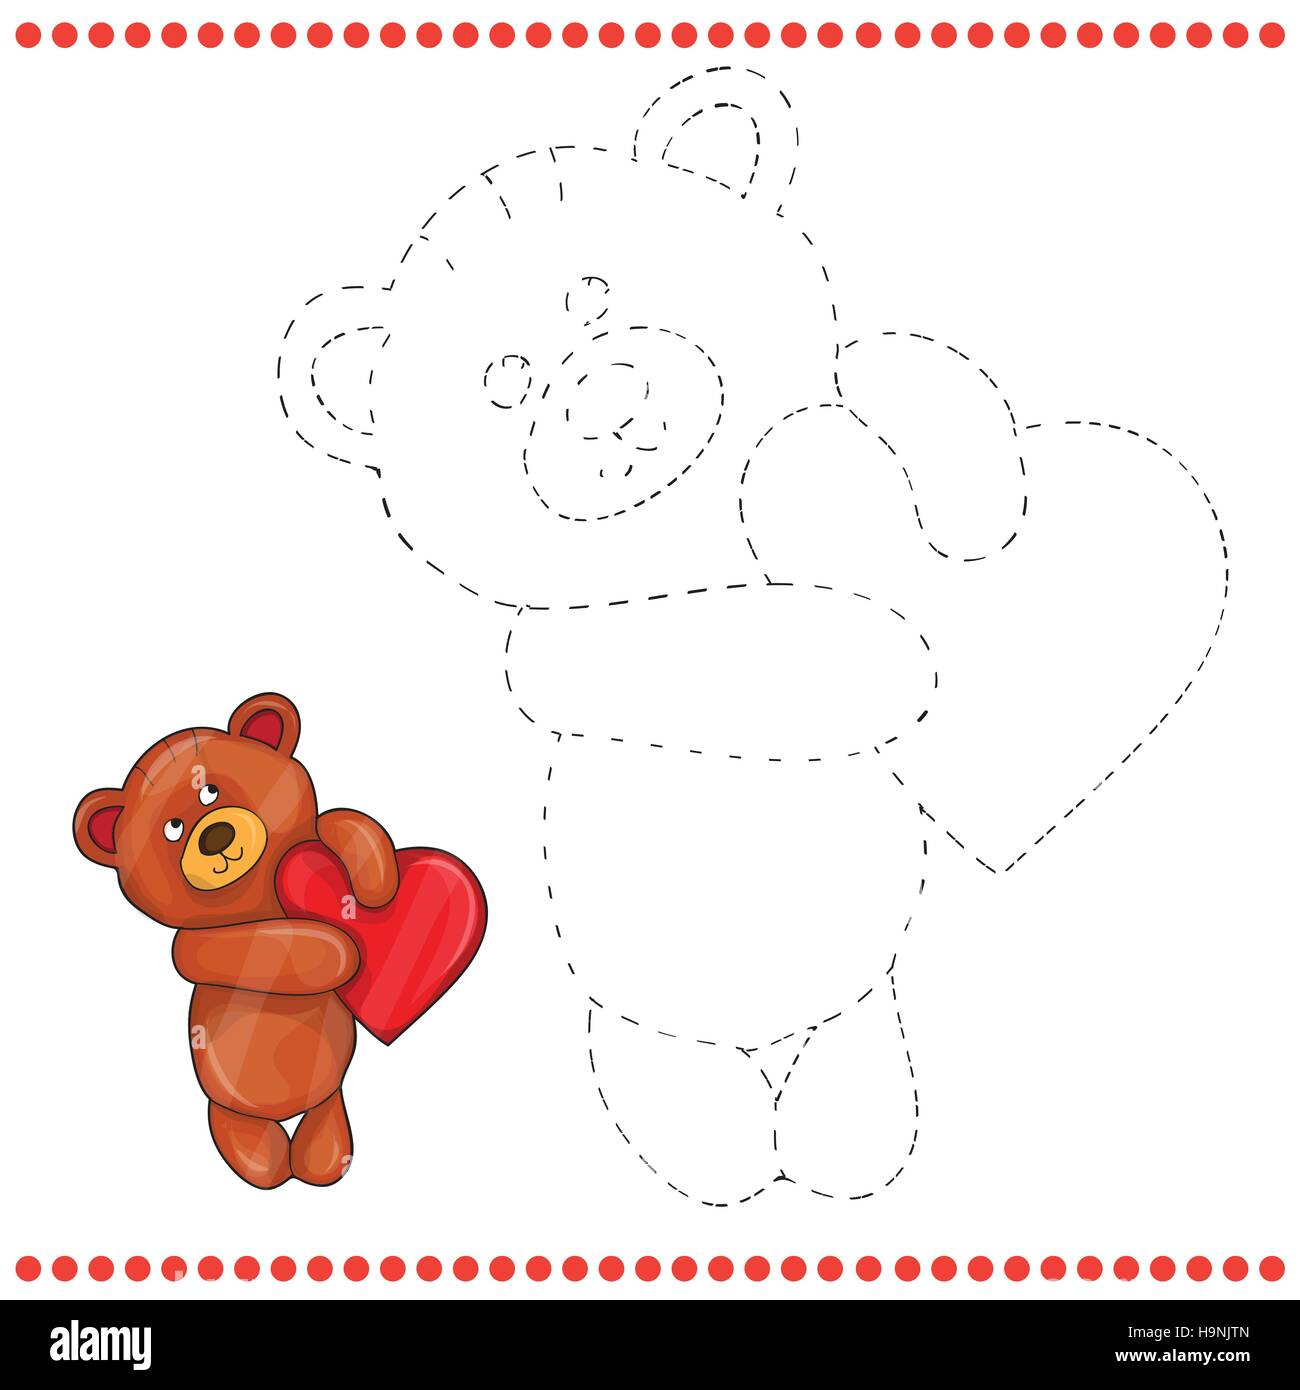 Verbinden Sie Die Punkte Und Malvorlagen Teddybär Vektor Abbildung